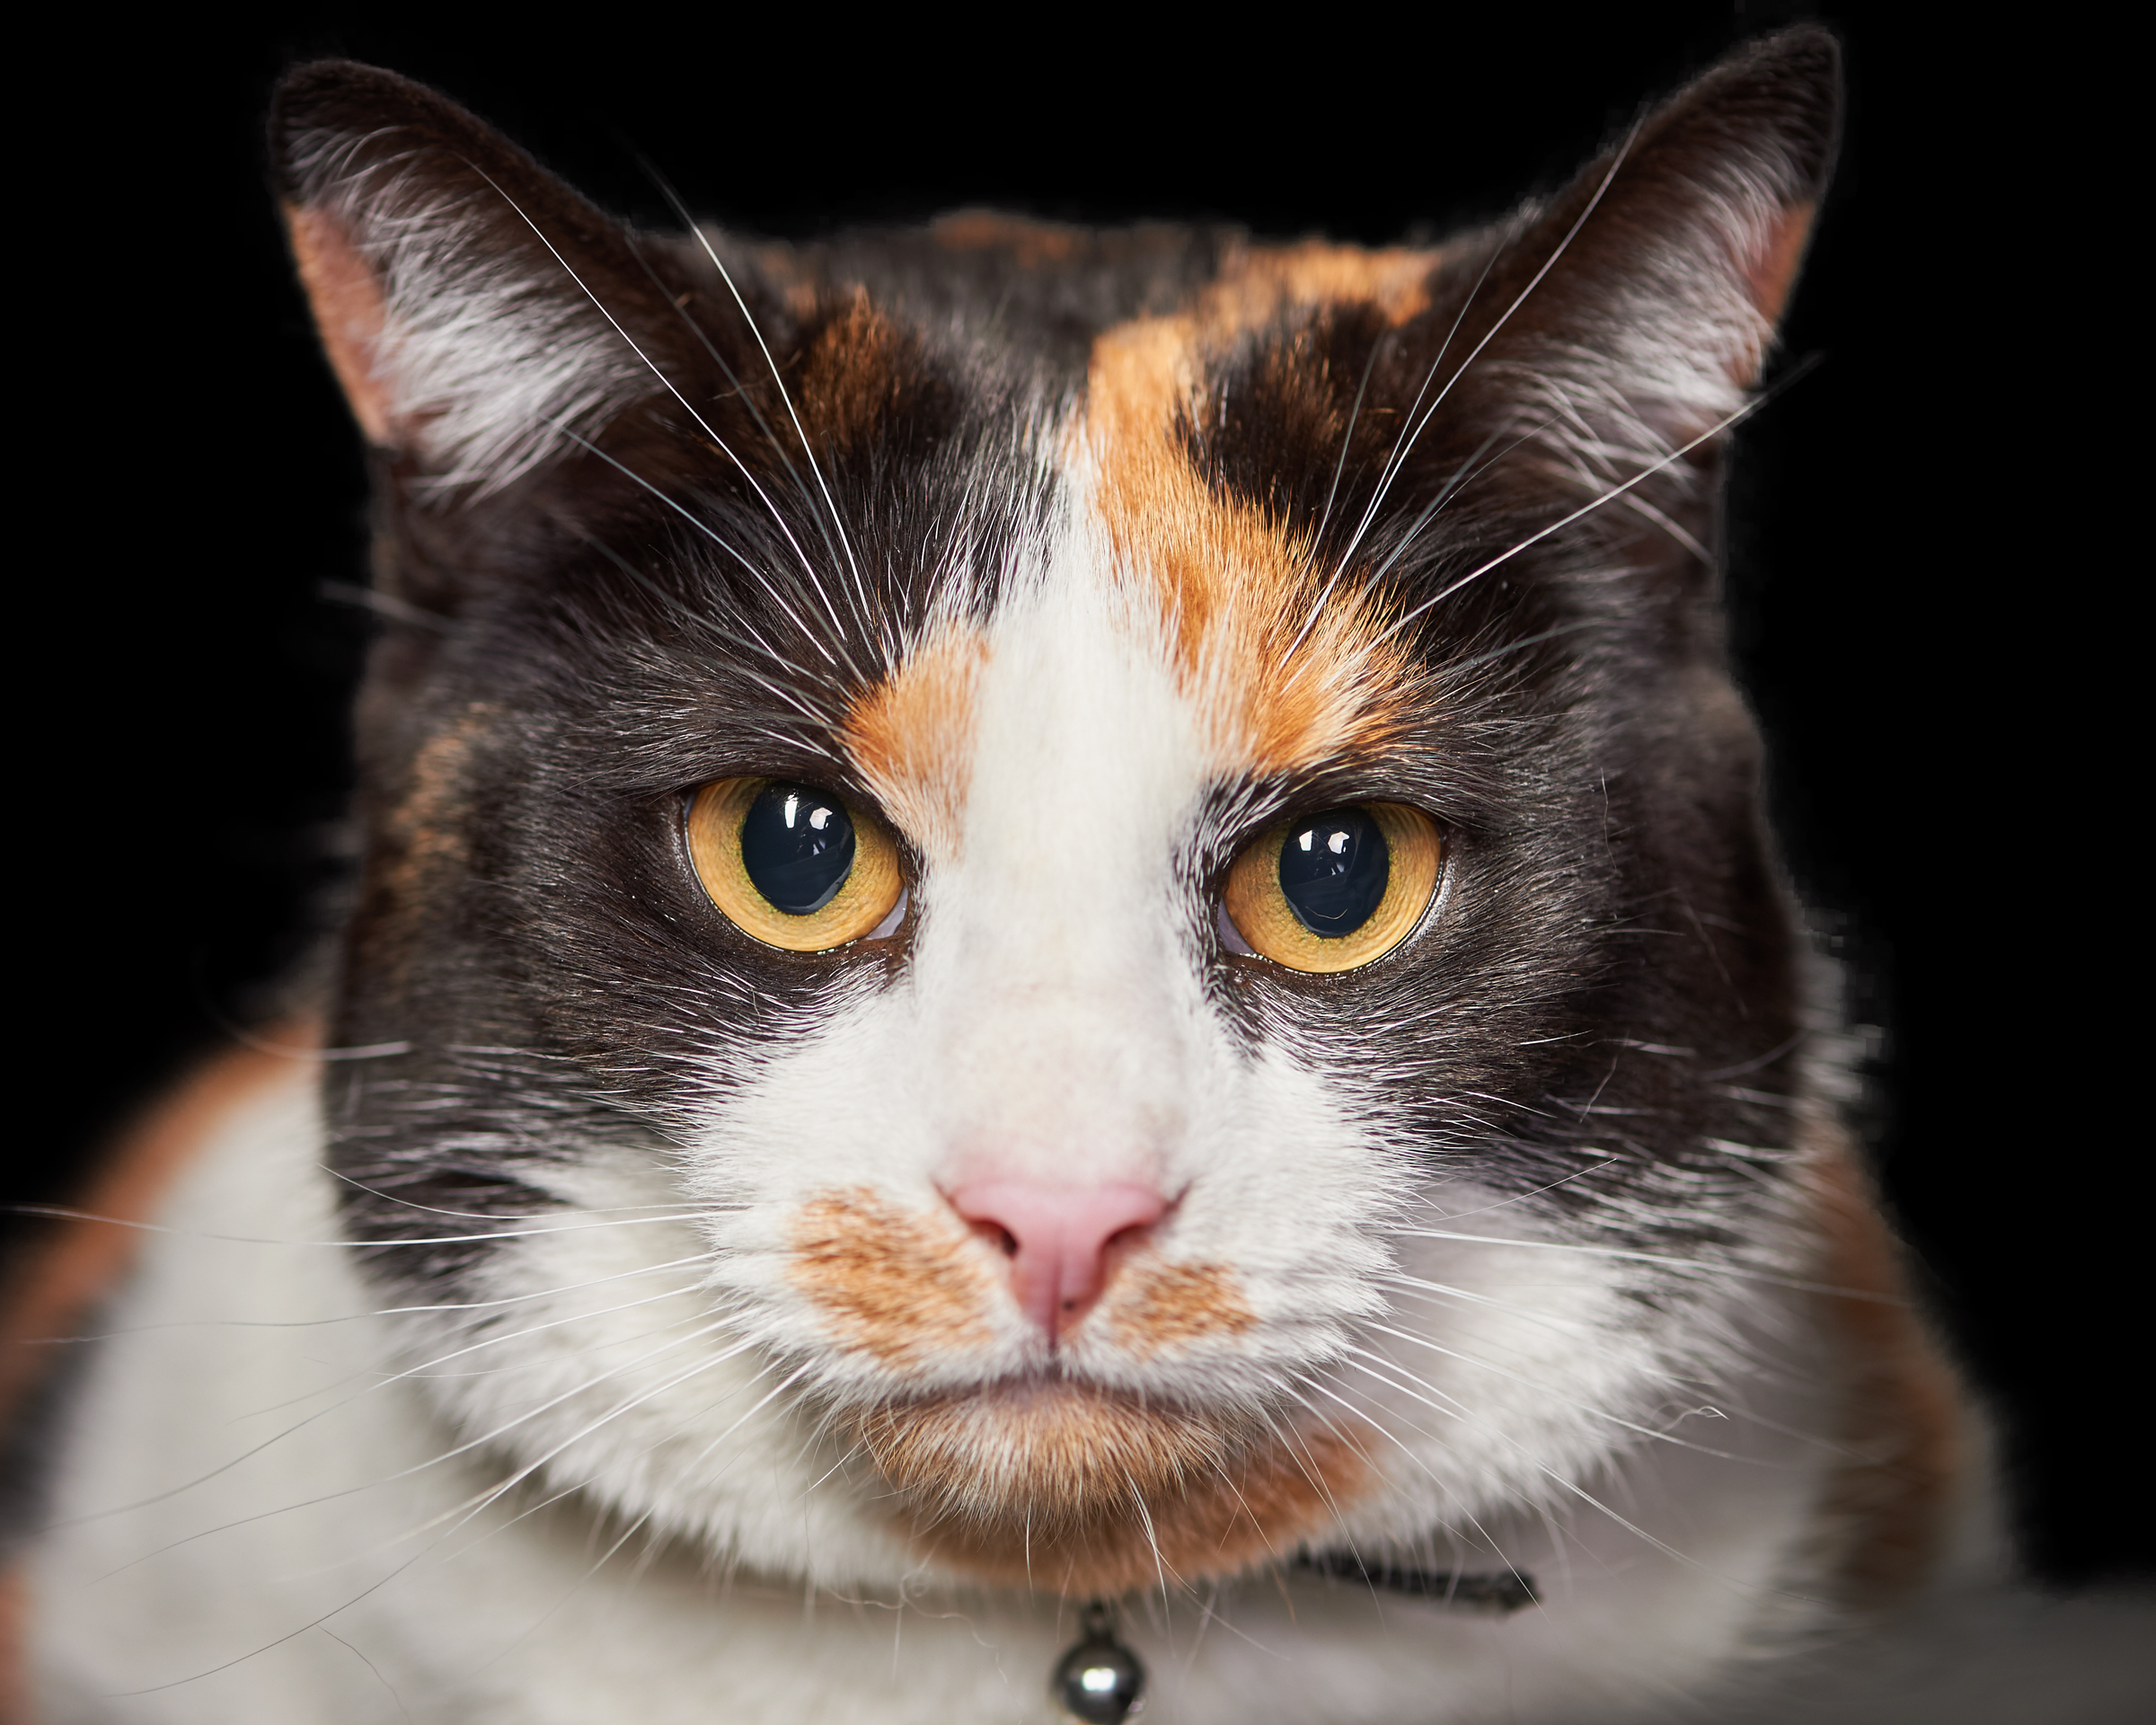 stare_cat_four_paws_portrait_pet_photography